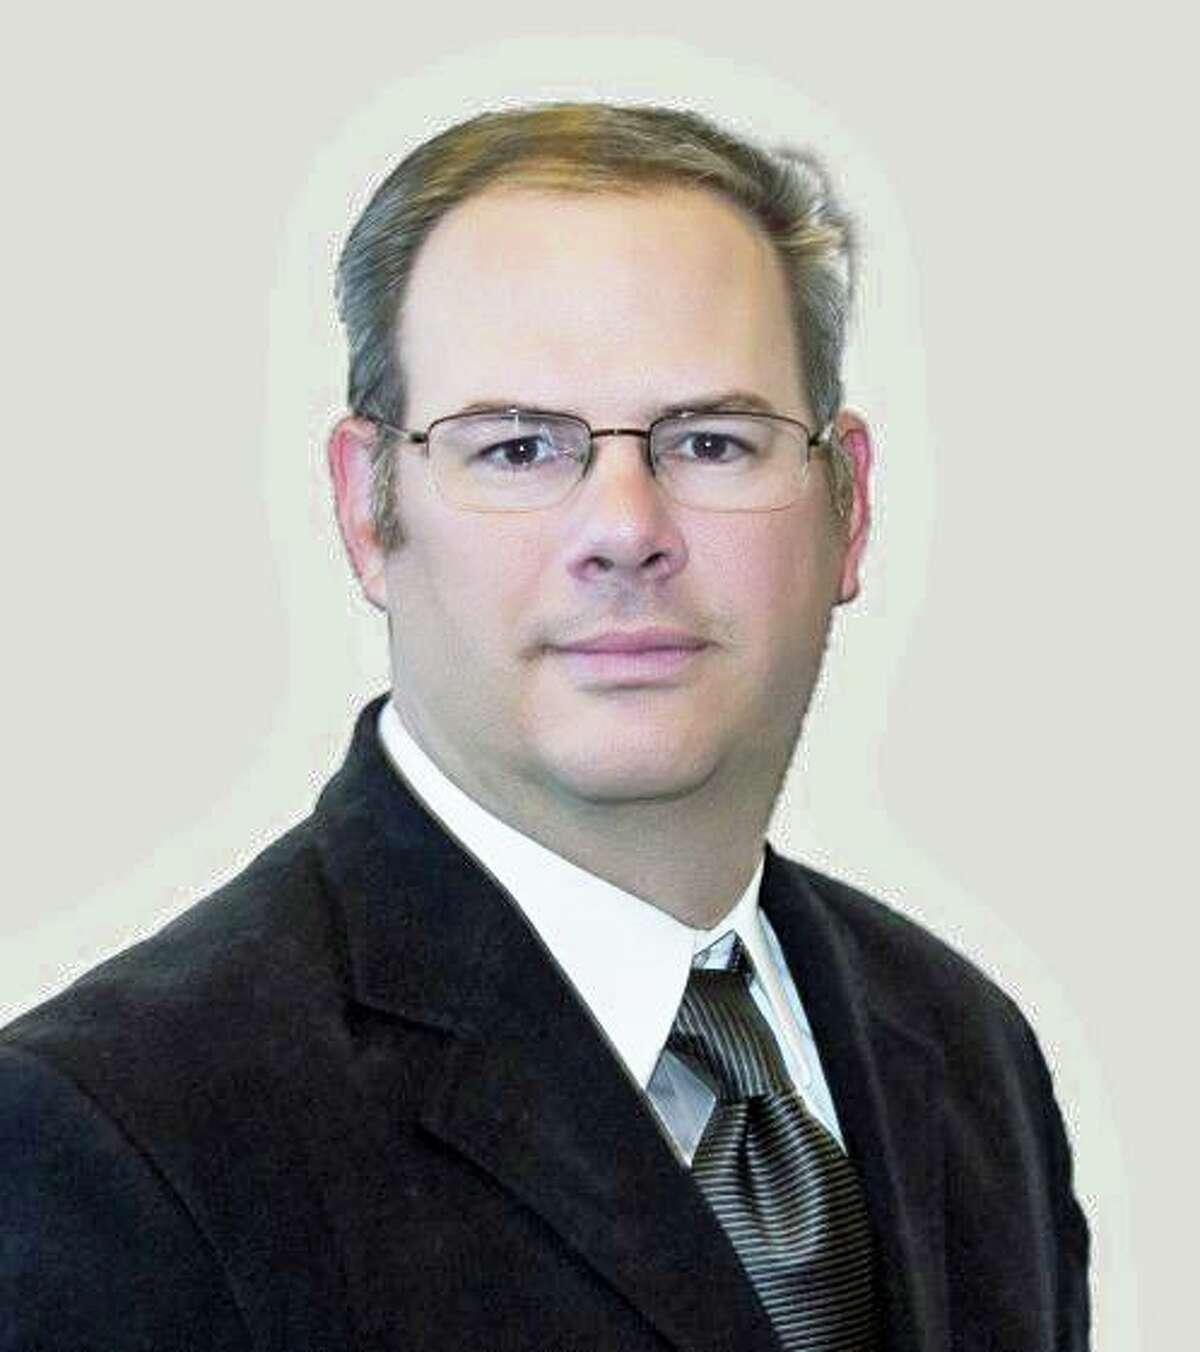 Meriden high school teacher Jon Pulino is a member of the Middletown Board of Education